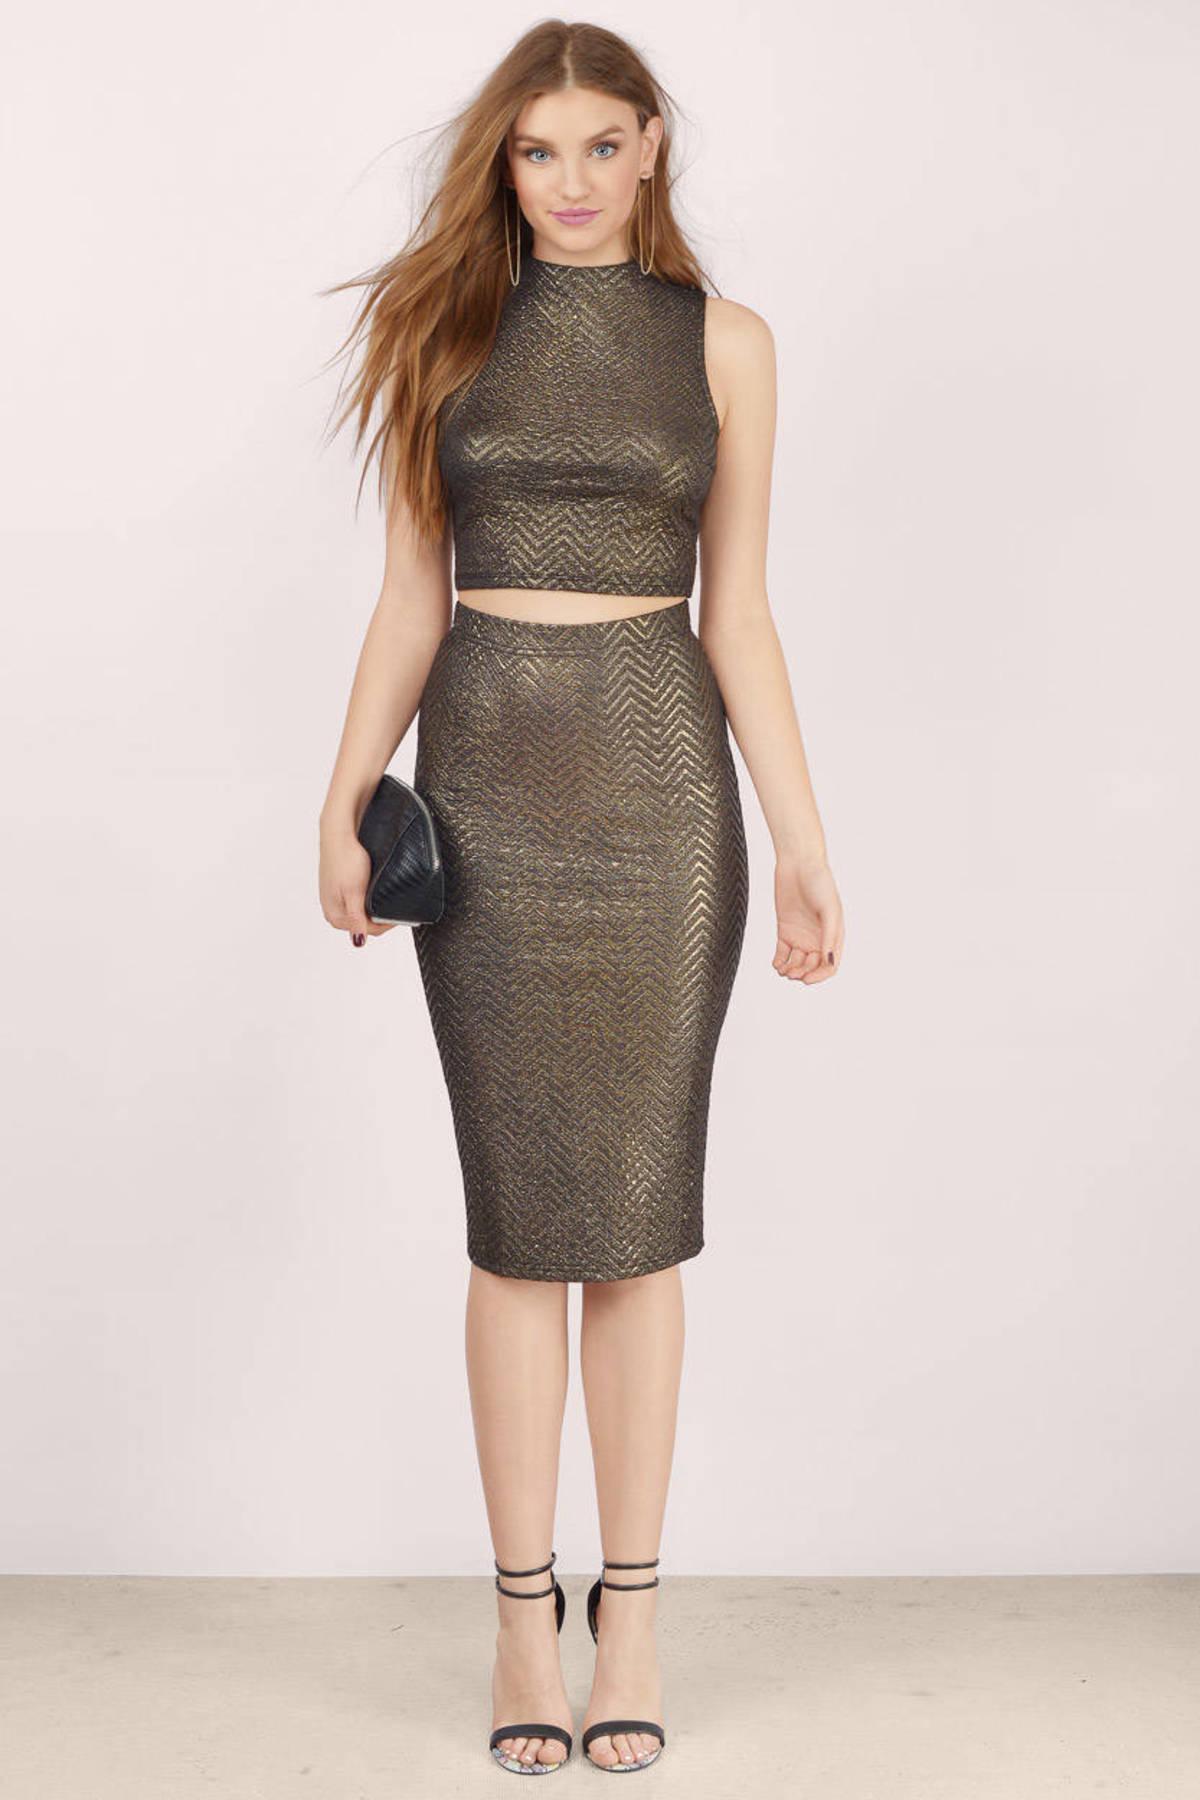 Trendy Gold Multi Skirt - Gold Skirt - High Waisted Skirt - $13.00